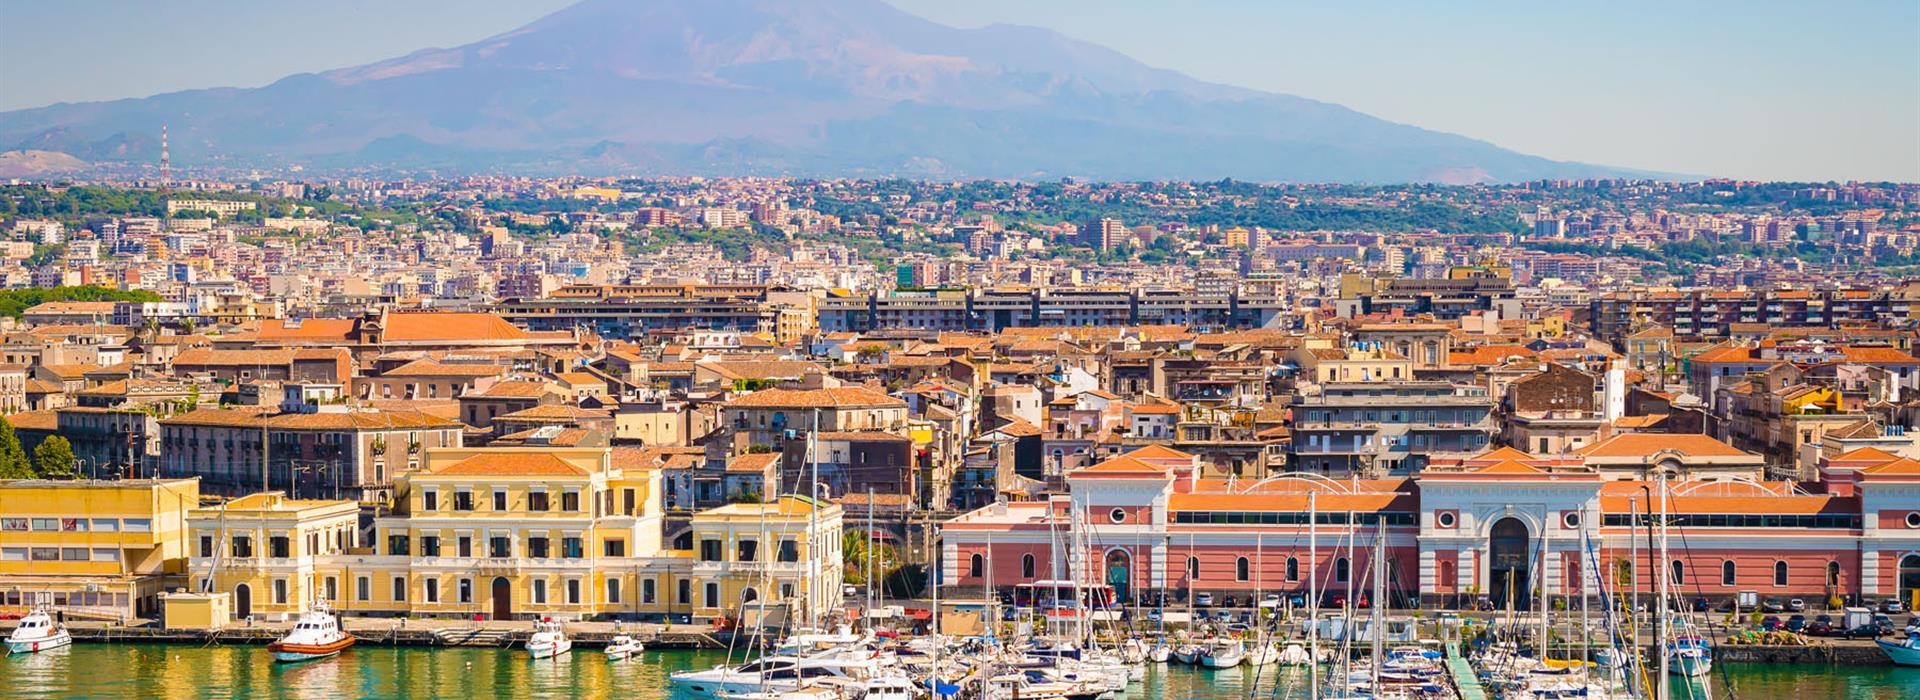 Italy-Catania_684734194